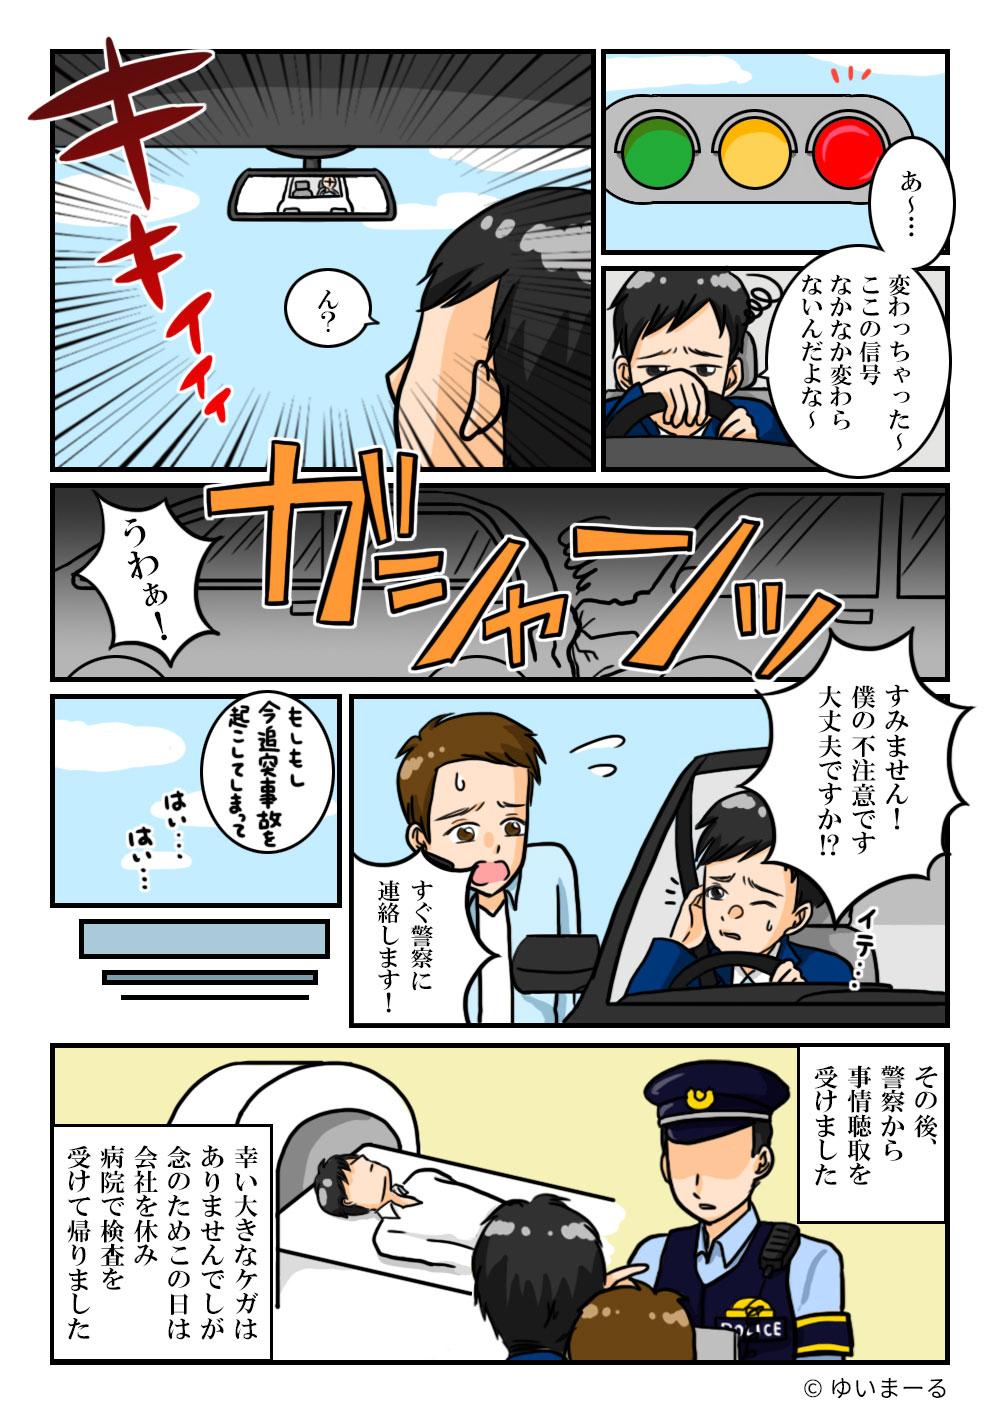 漫画5-1